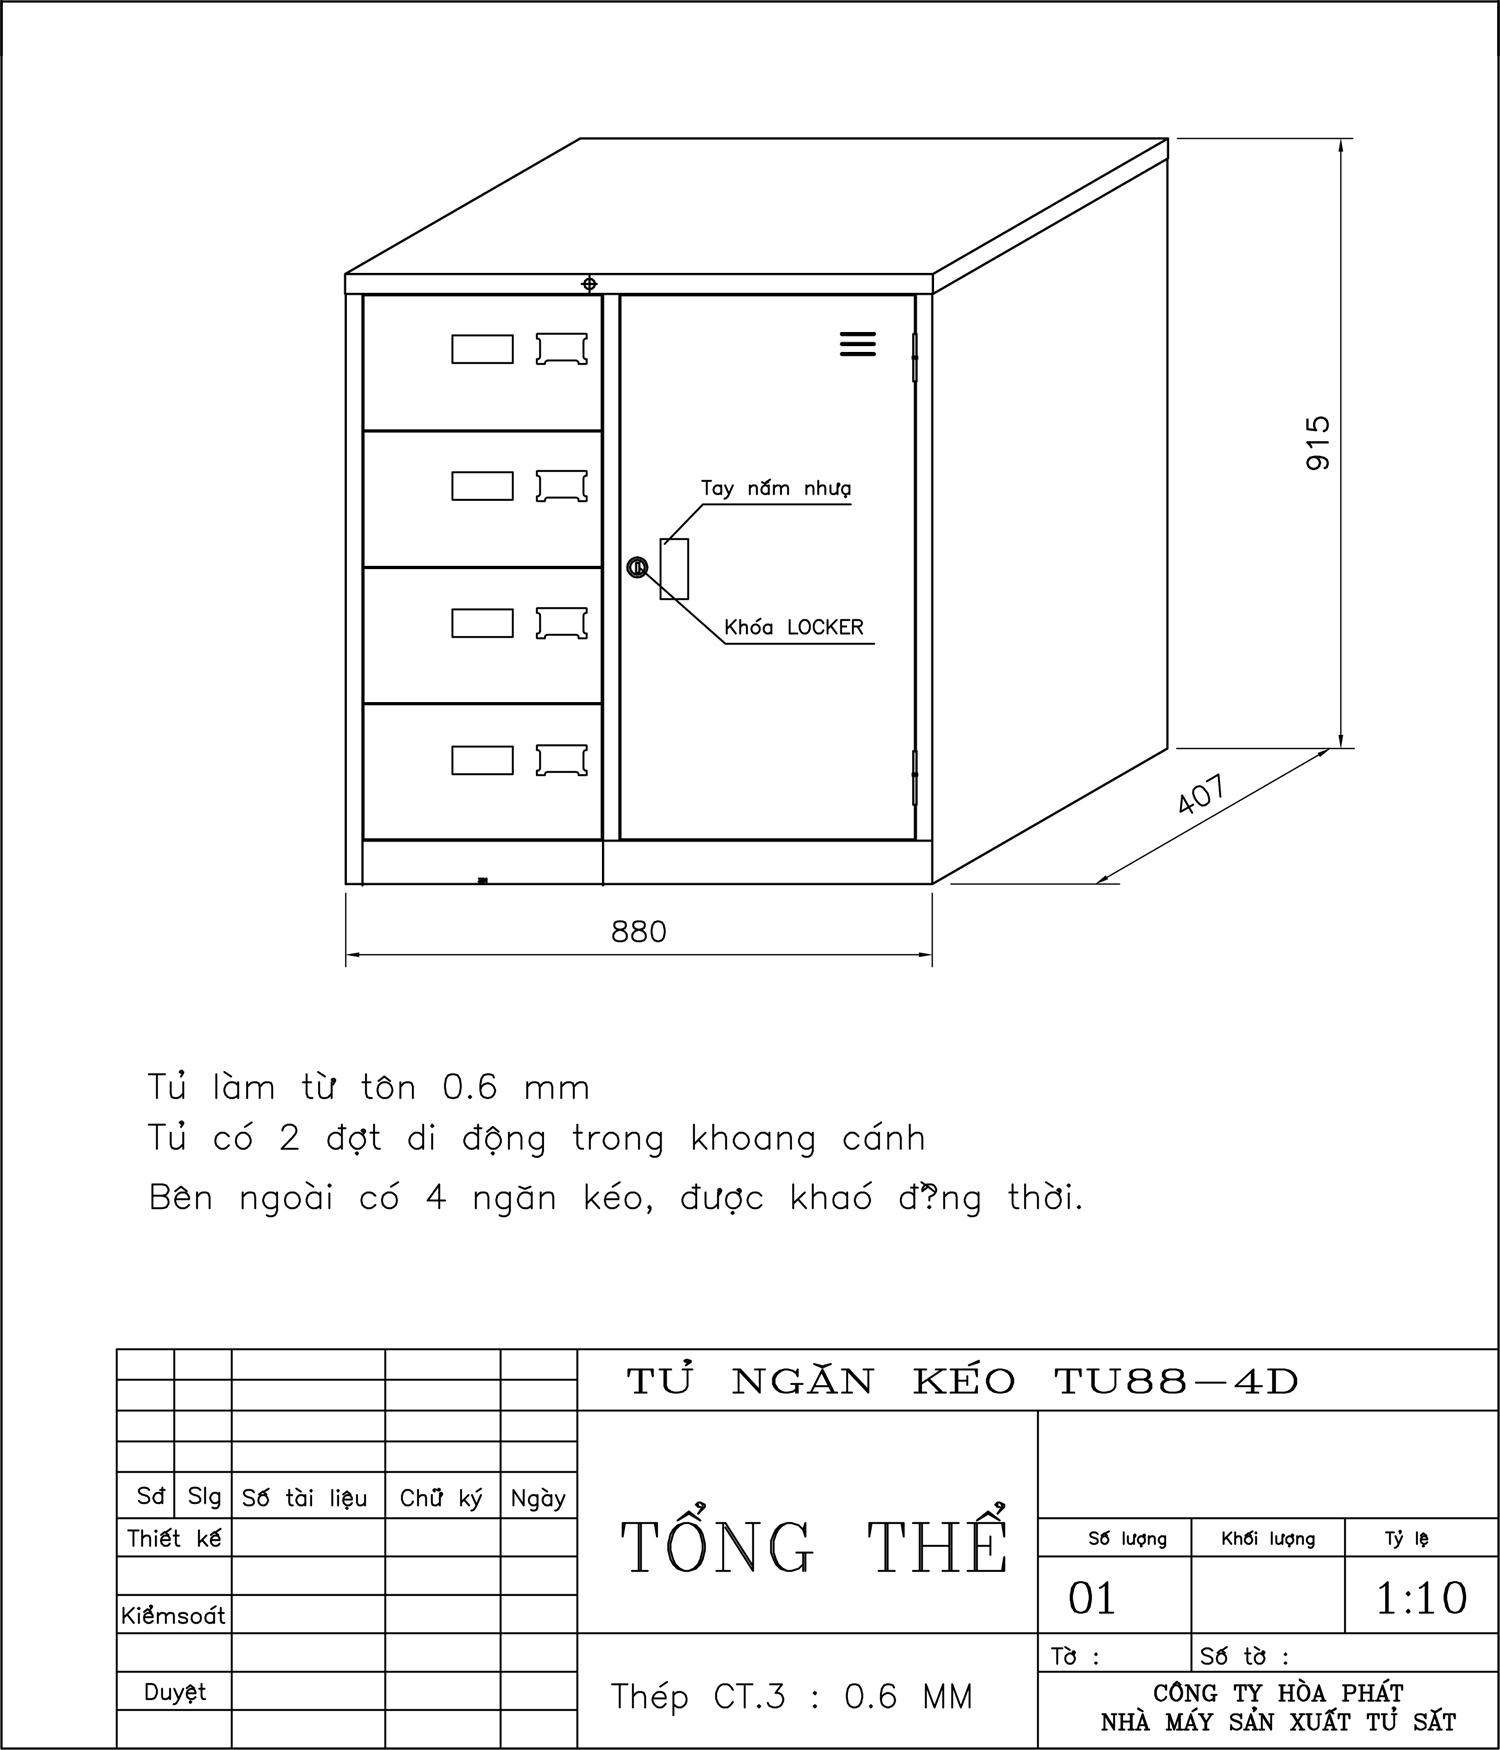 Bản vẽ kỹ thuật thiết kế tủ ngăn kéo sắt TU88-4D